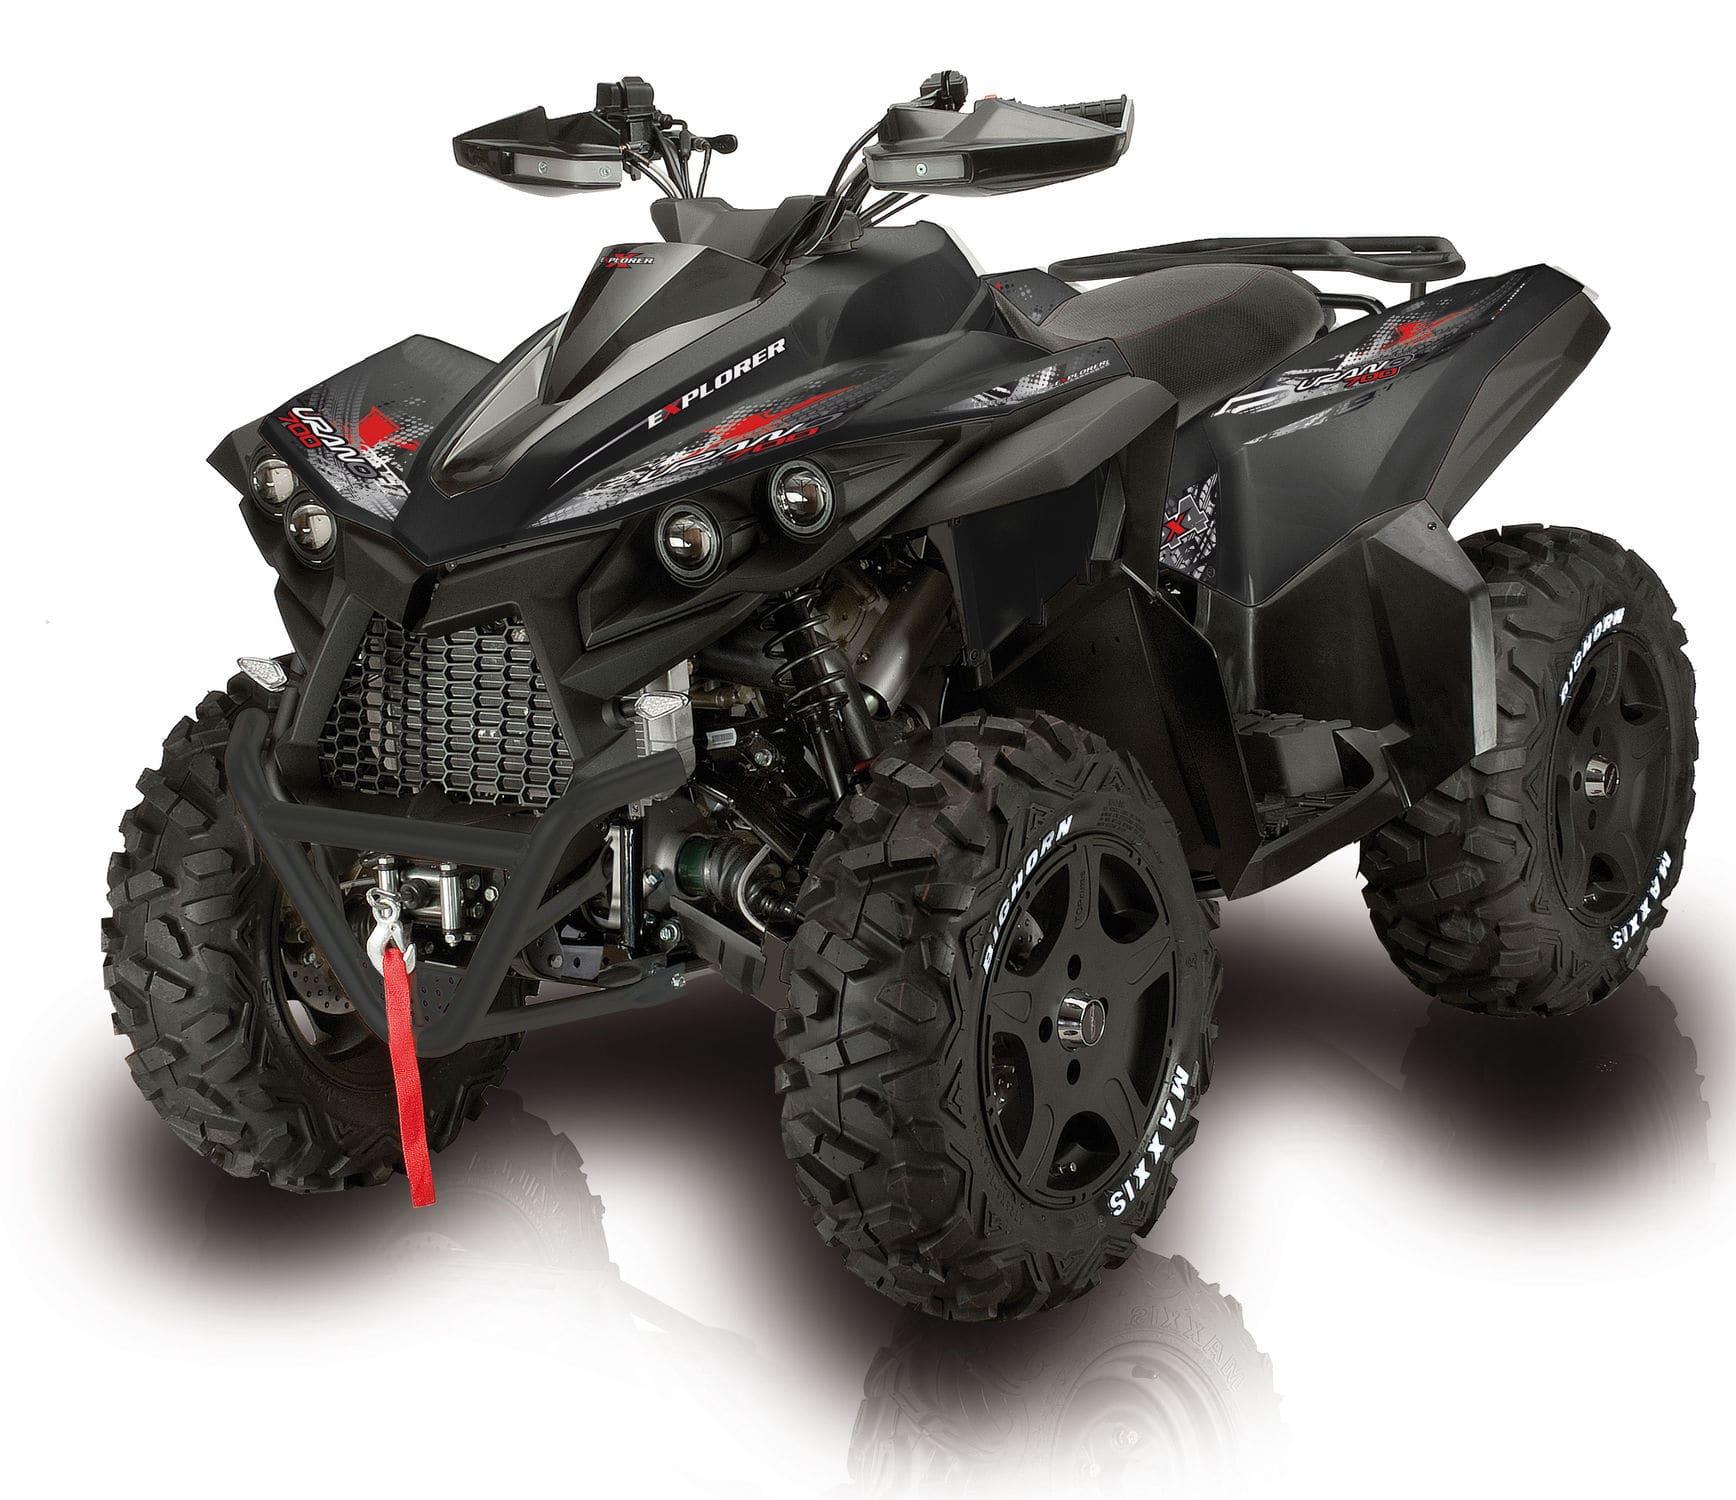 Quad ATV Triton Outback 300 15 KW - Bestes Angebot von Quads.